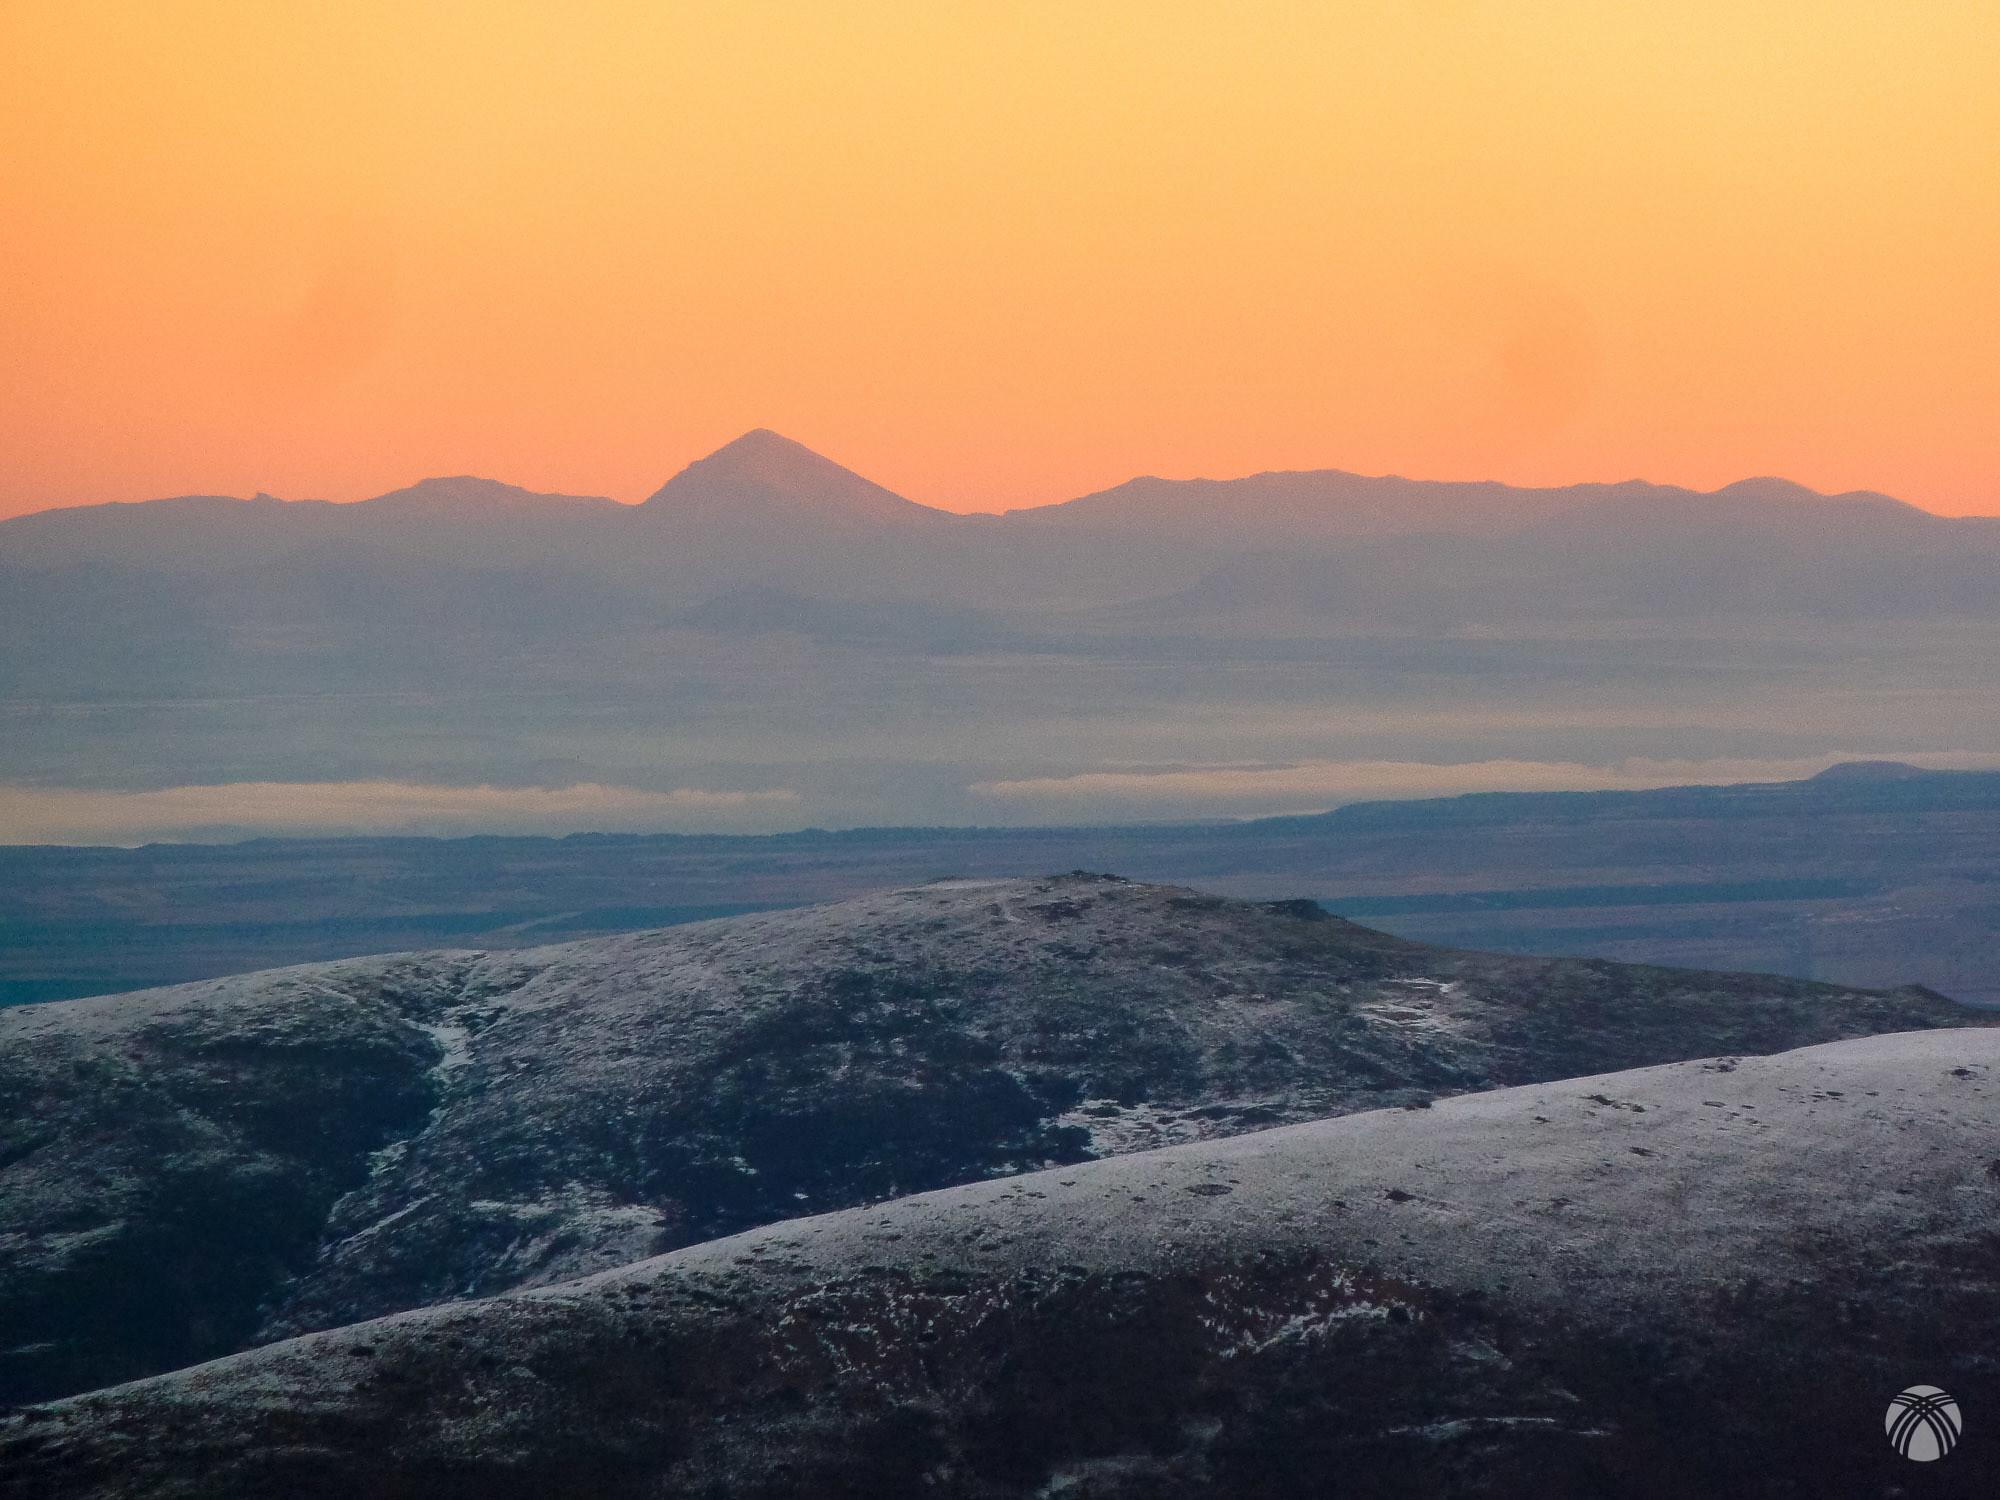 La Sagra al norte con nieblas en la depresión del Guadiana Menor